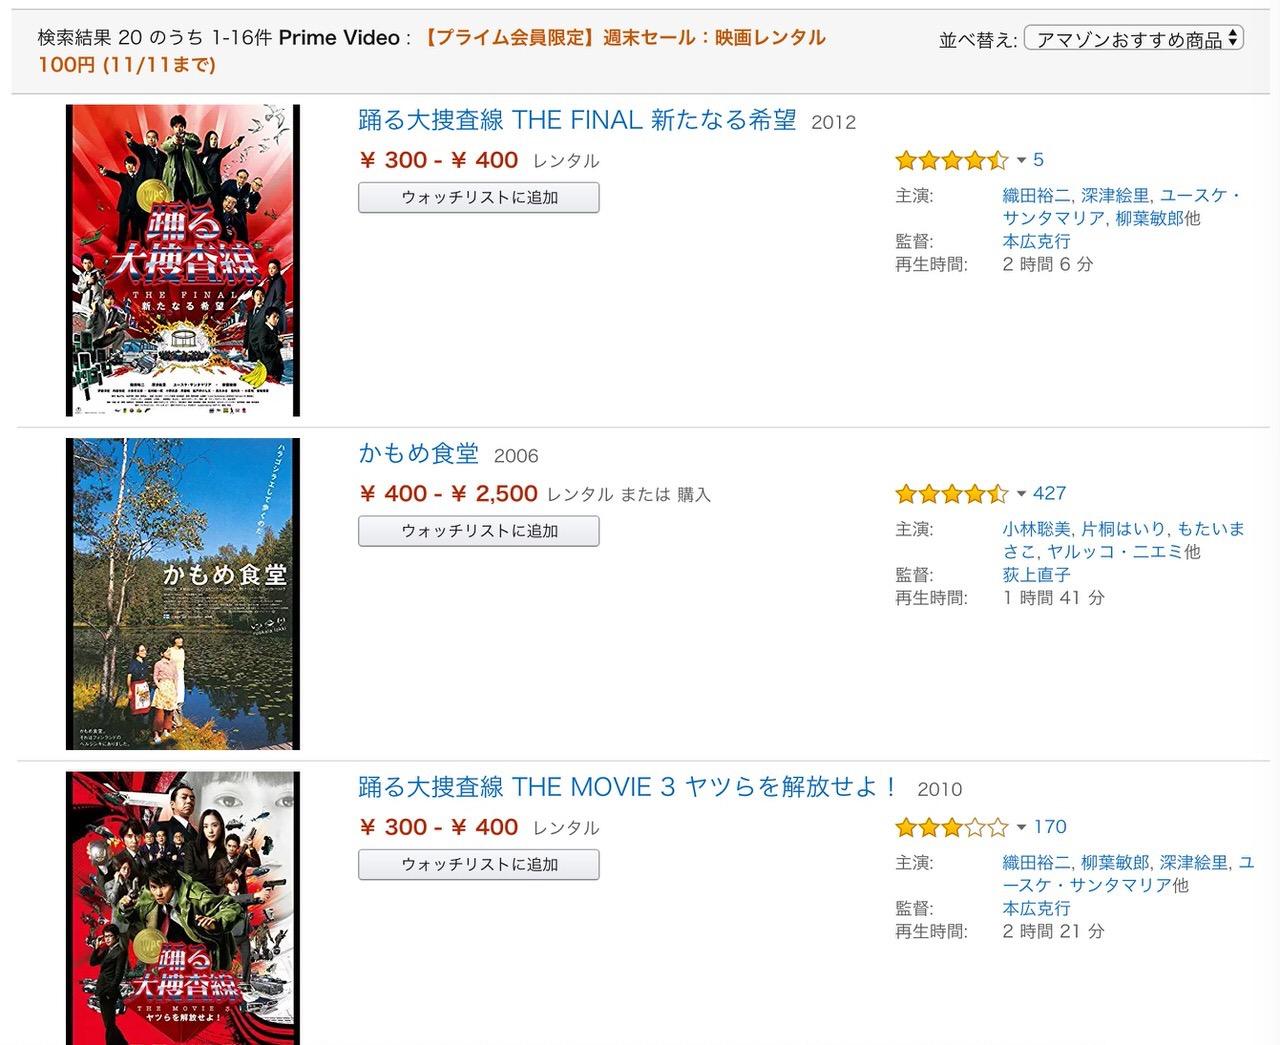 【Amazonプライム会員限定】「映画レンタル100円」踊る大捜査線、かもめ食堂、誰も知らない、弱虫ペダルなど(11/11まで)